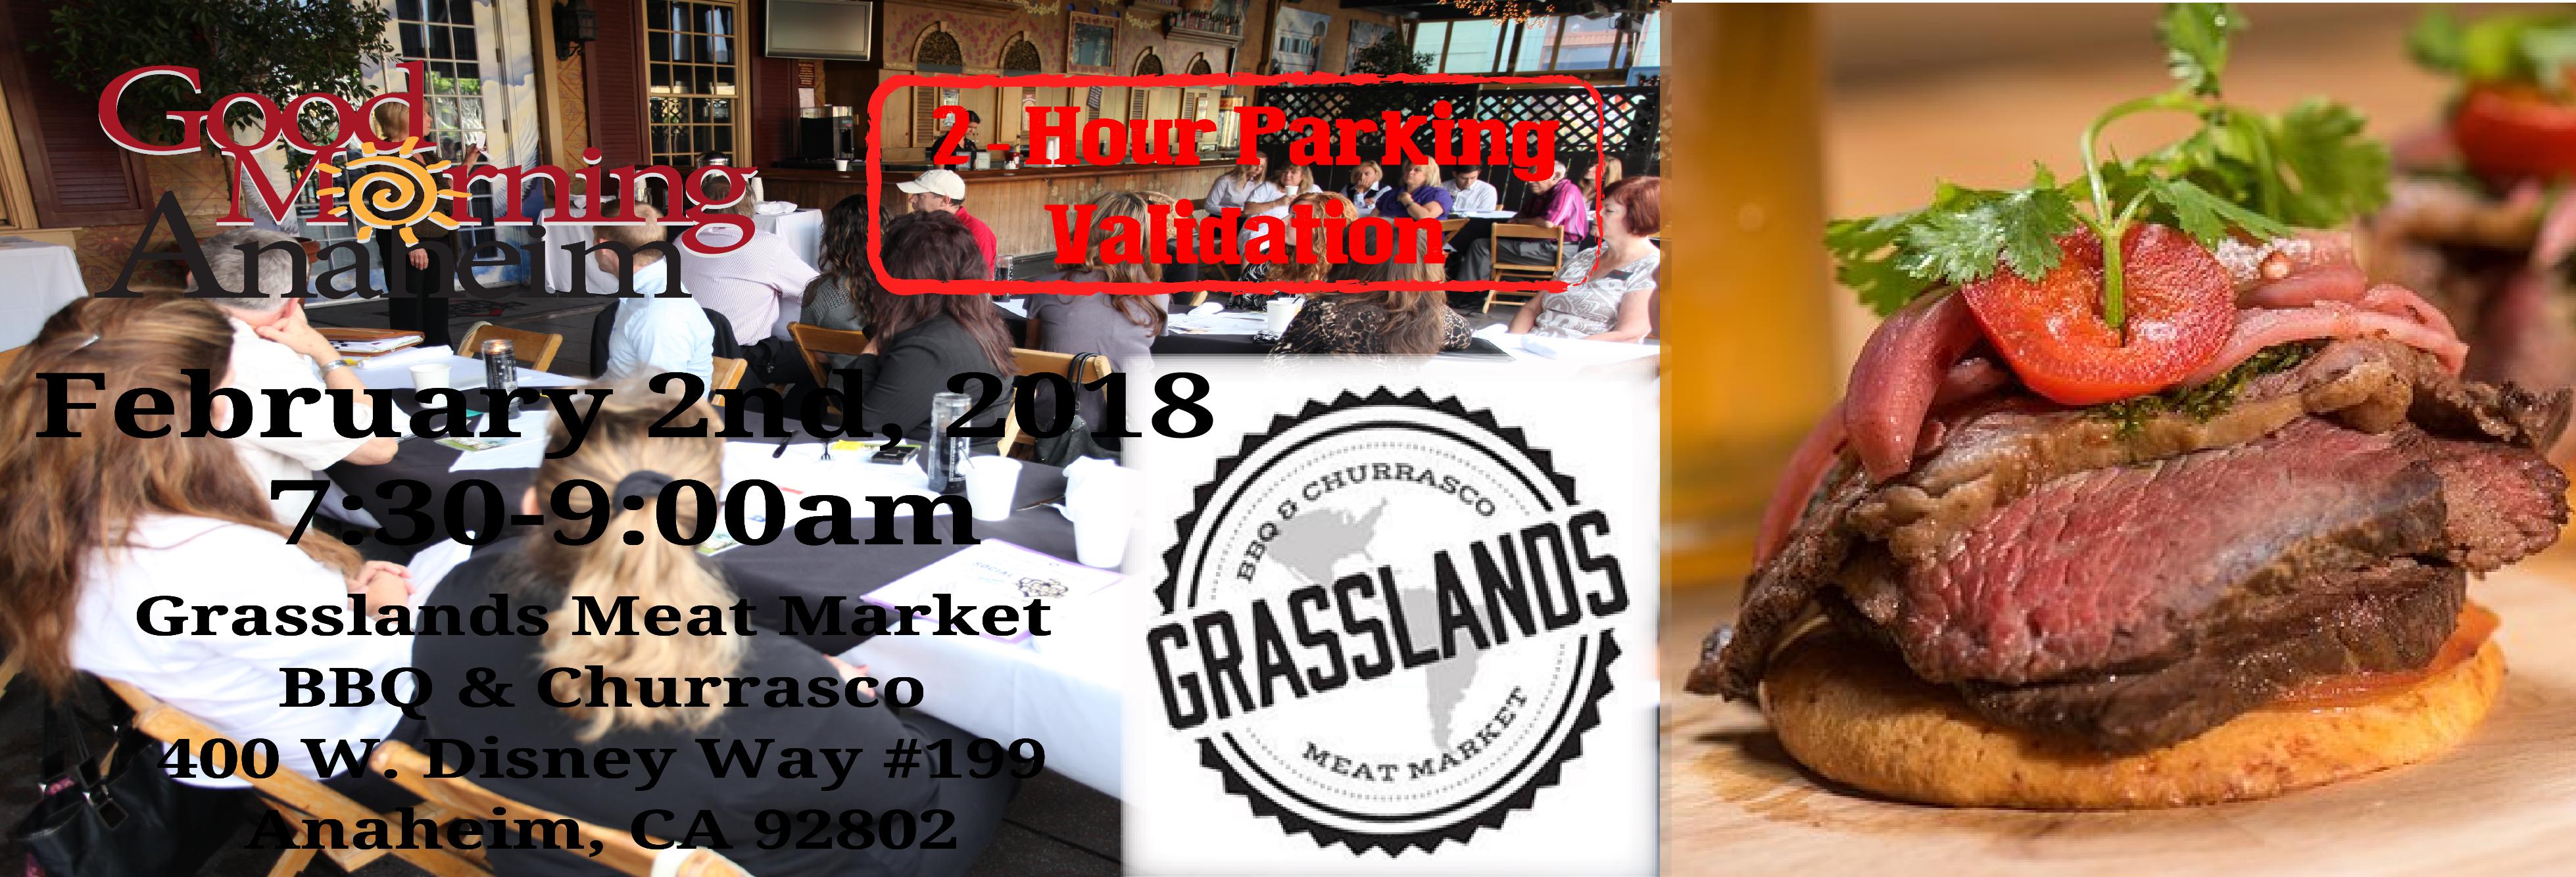 grasslands1-01.png